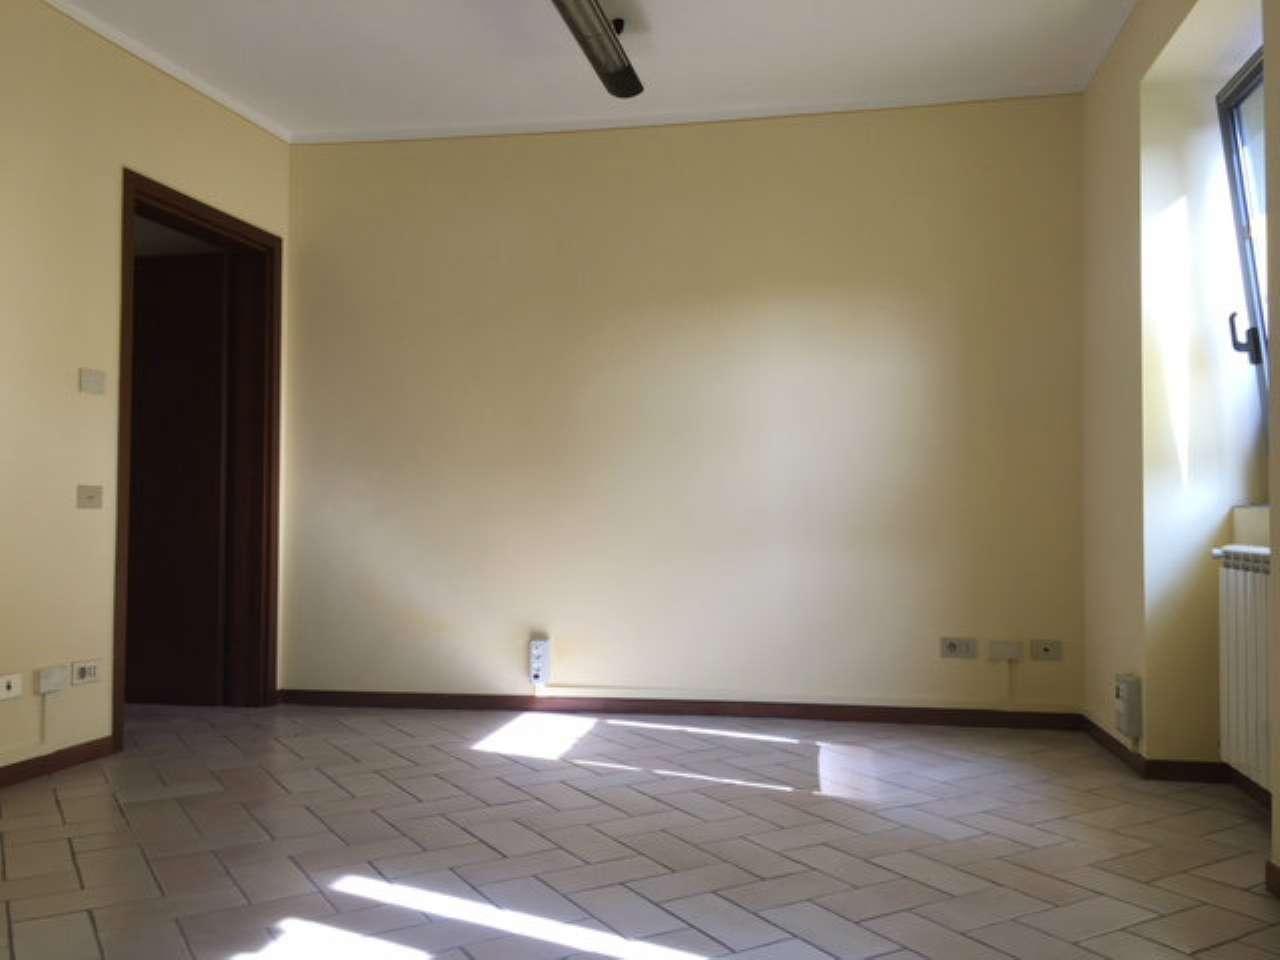 Ufficio / Studio in affitto a Osio Sotto, 2 locali, prezzo € 600 | CambioCasa.it